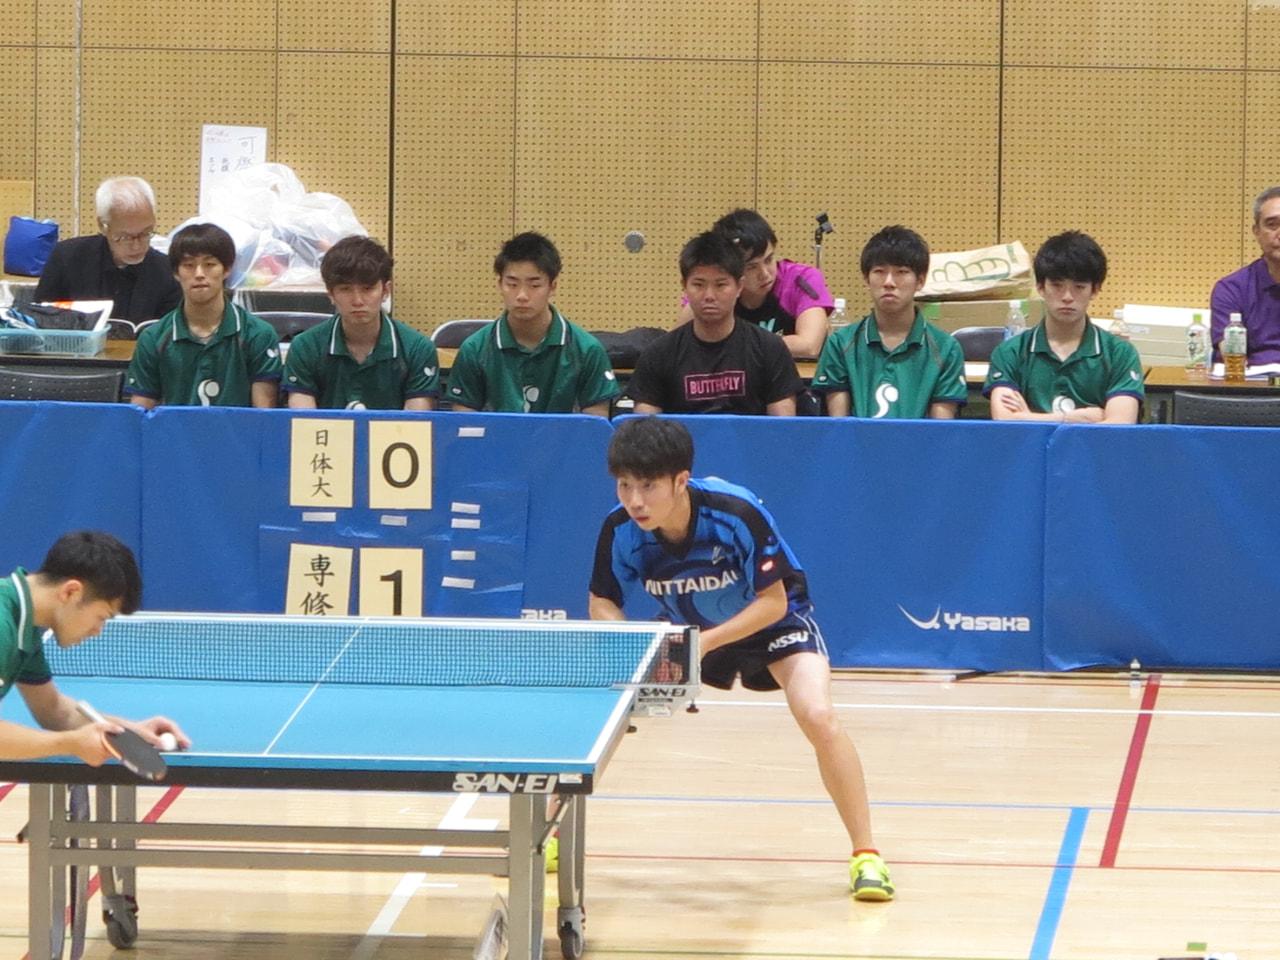 第88回全日本大学総合卓球選手権大会(団体の部)